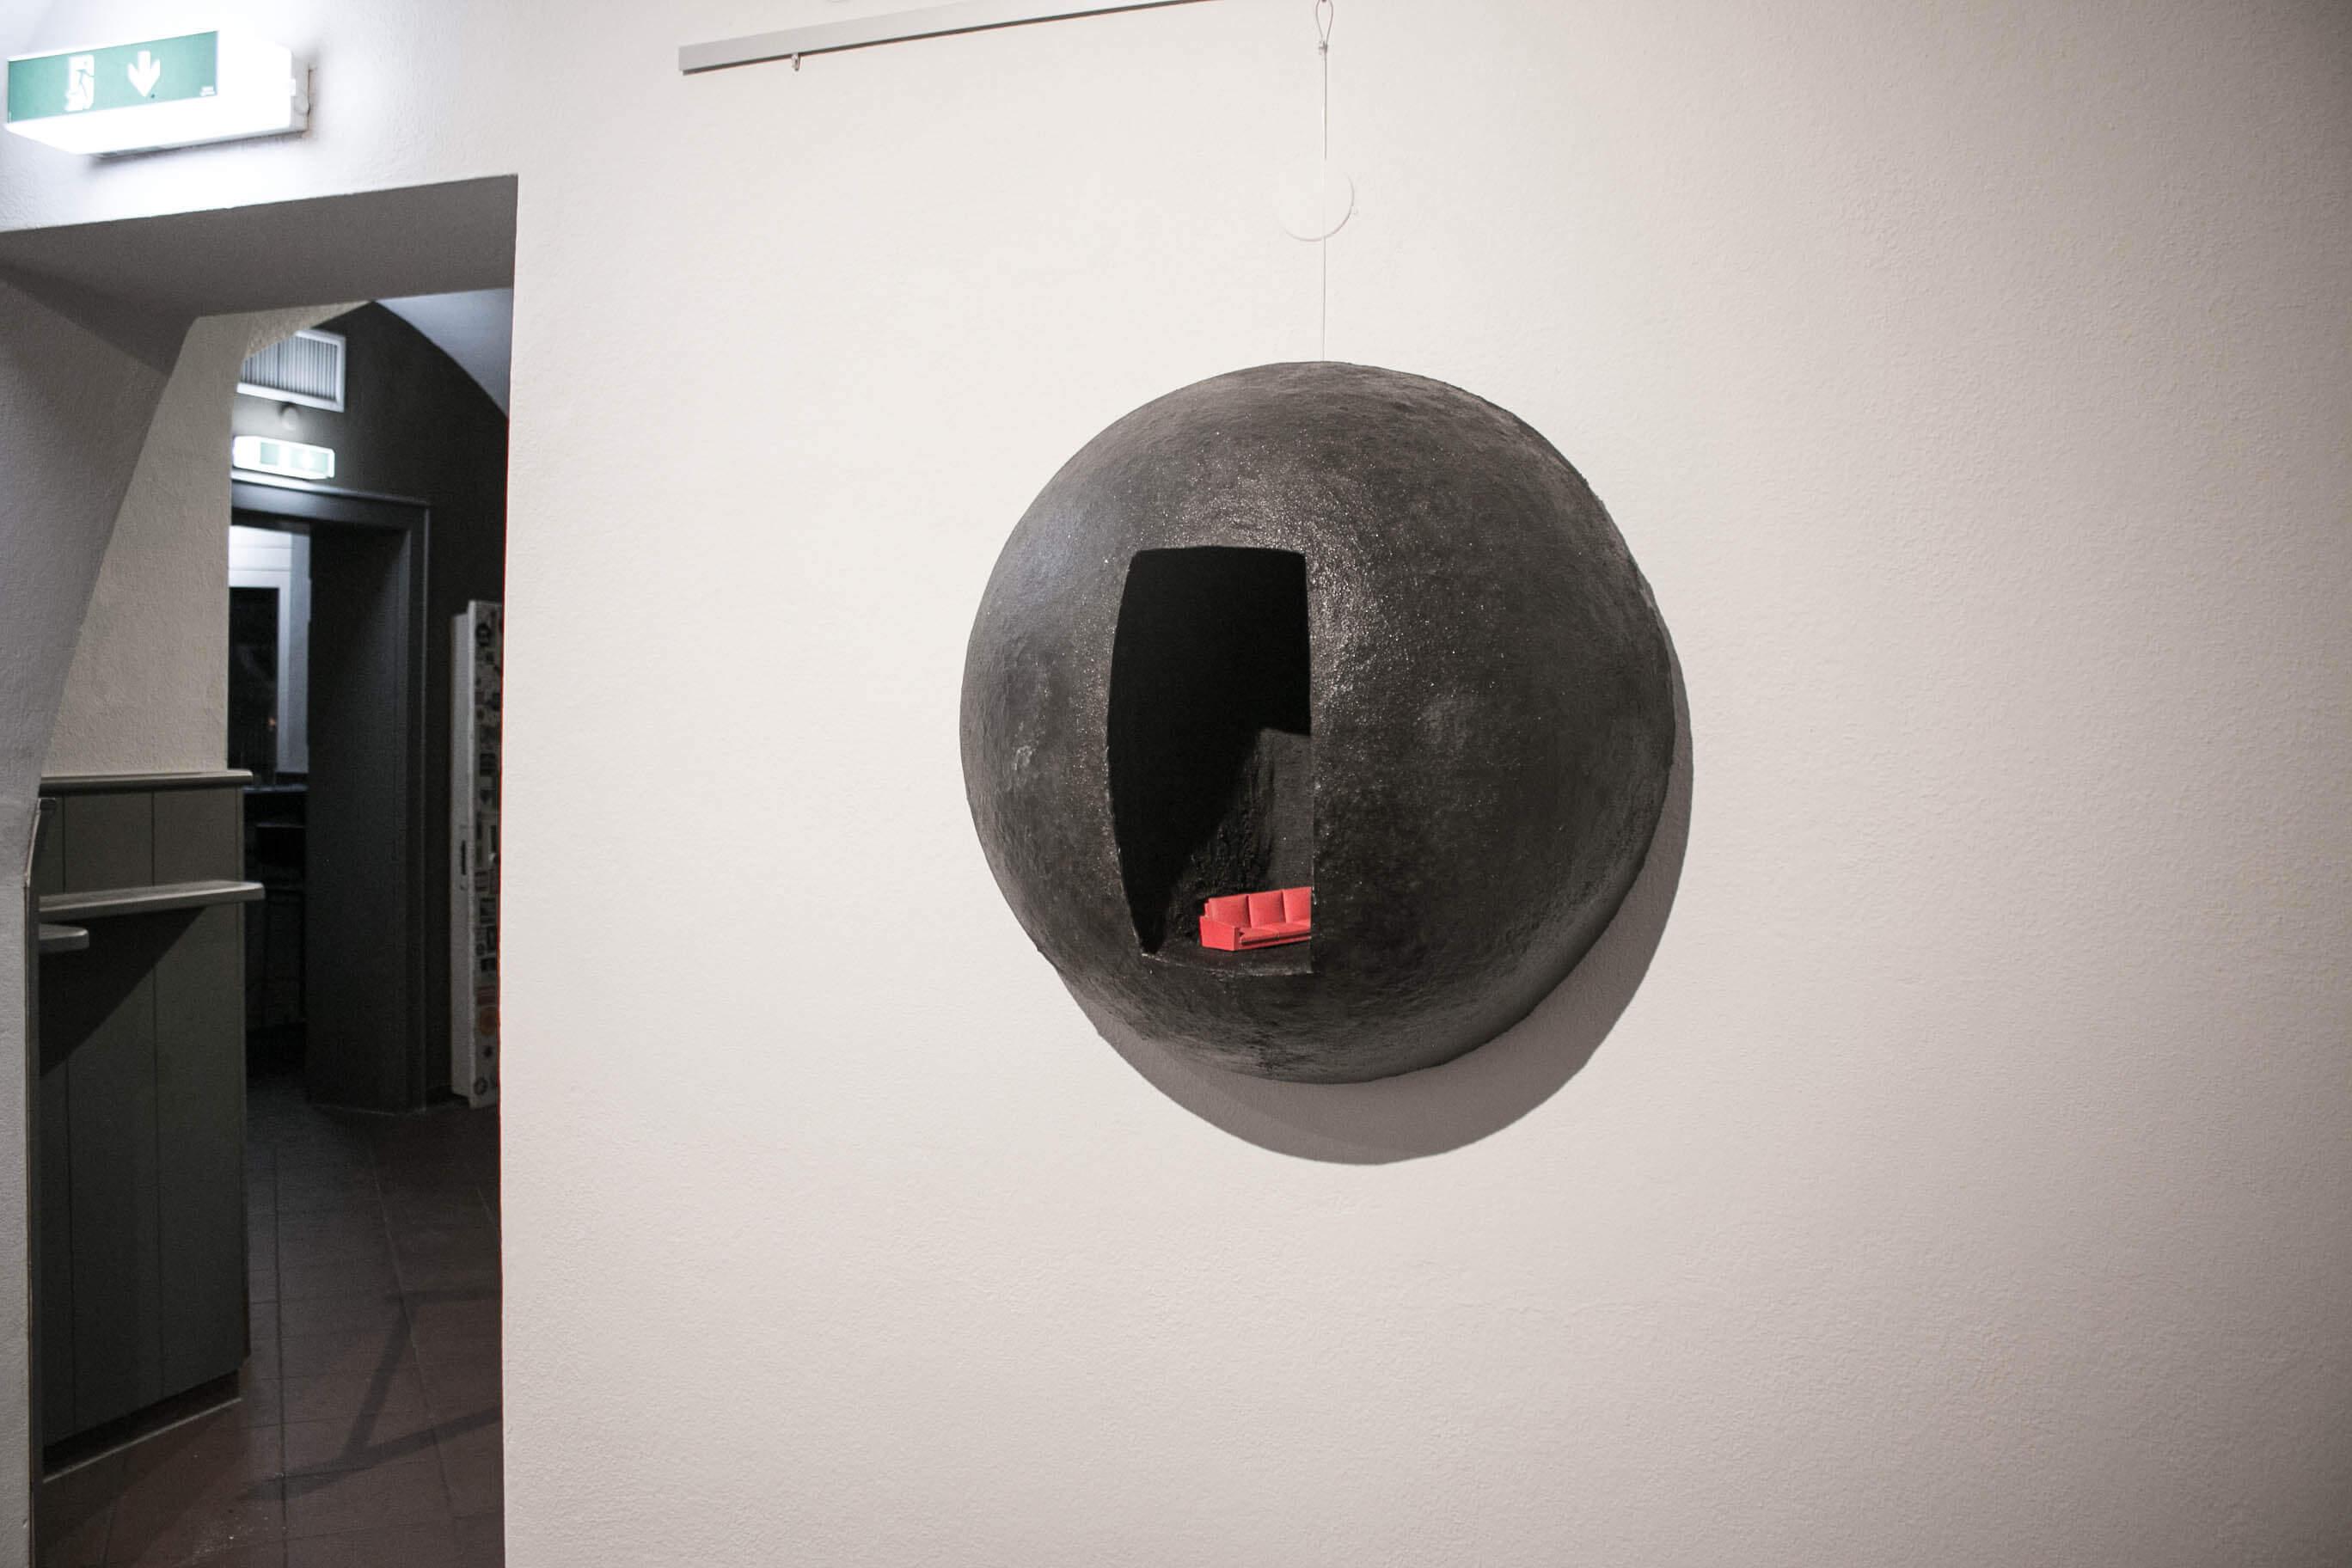 round_Meenan_art_relief_sculpture_IMG_2491.jpg